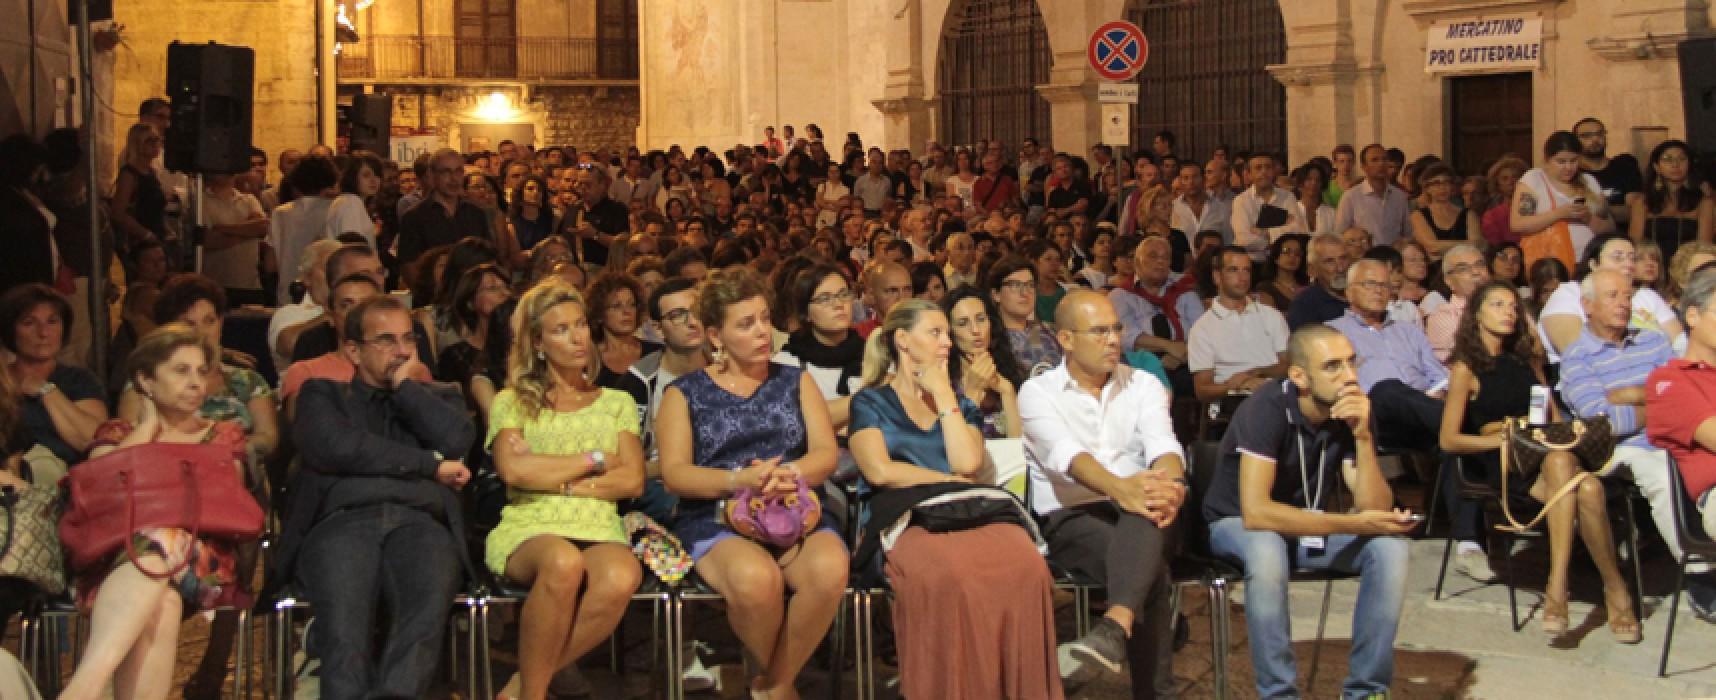 Letteratura e cultura ancora in auge per la seconda serata di Libri nel borgo antico / VIDEO